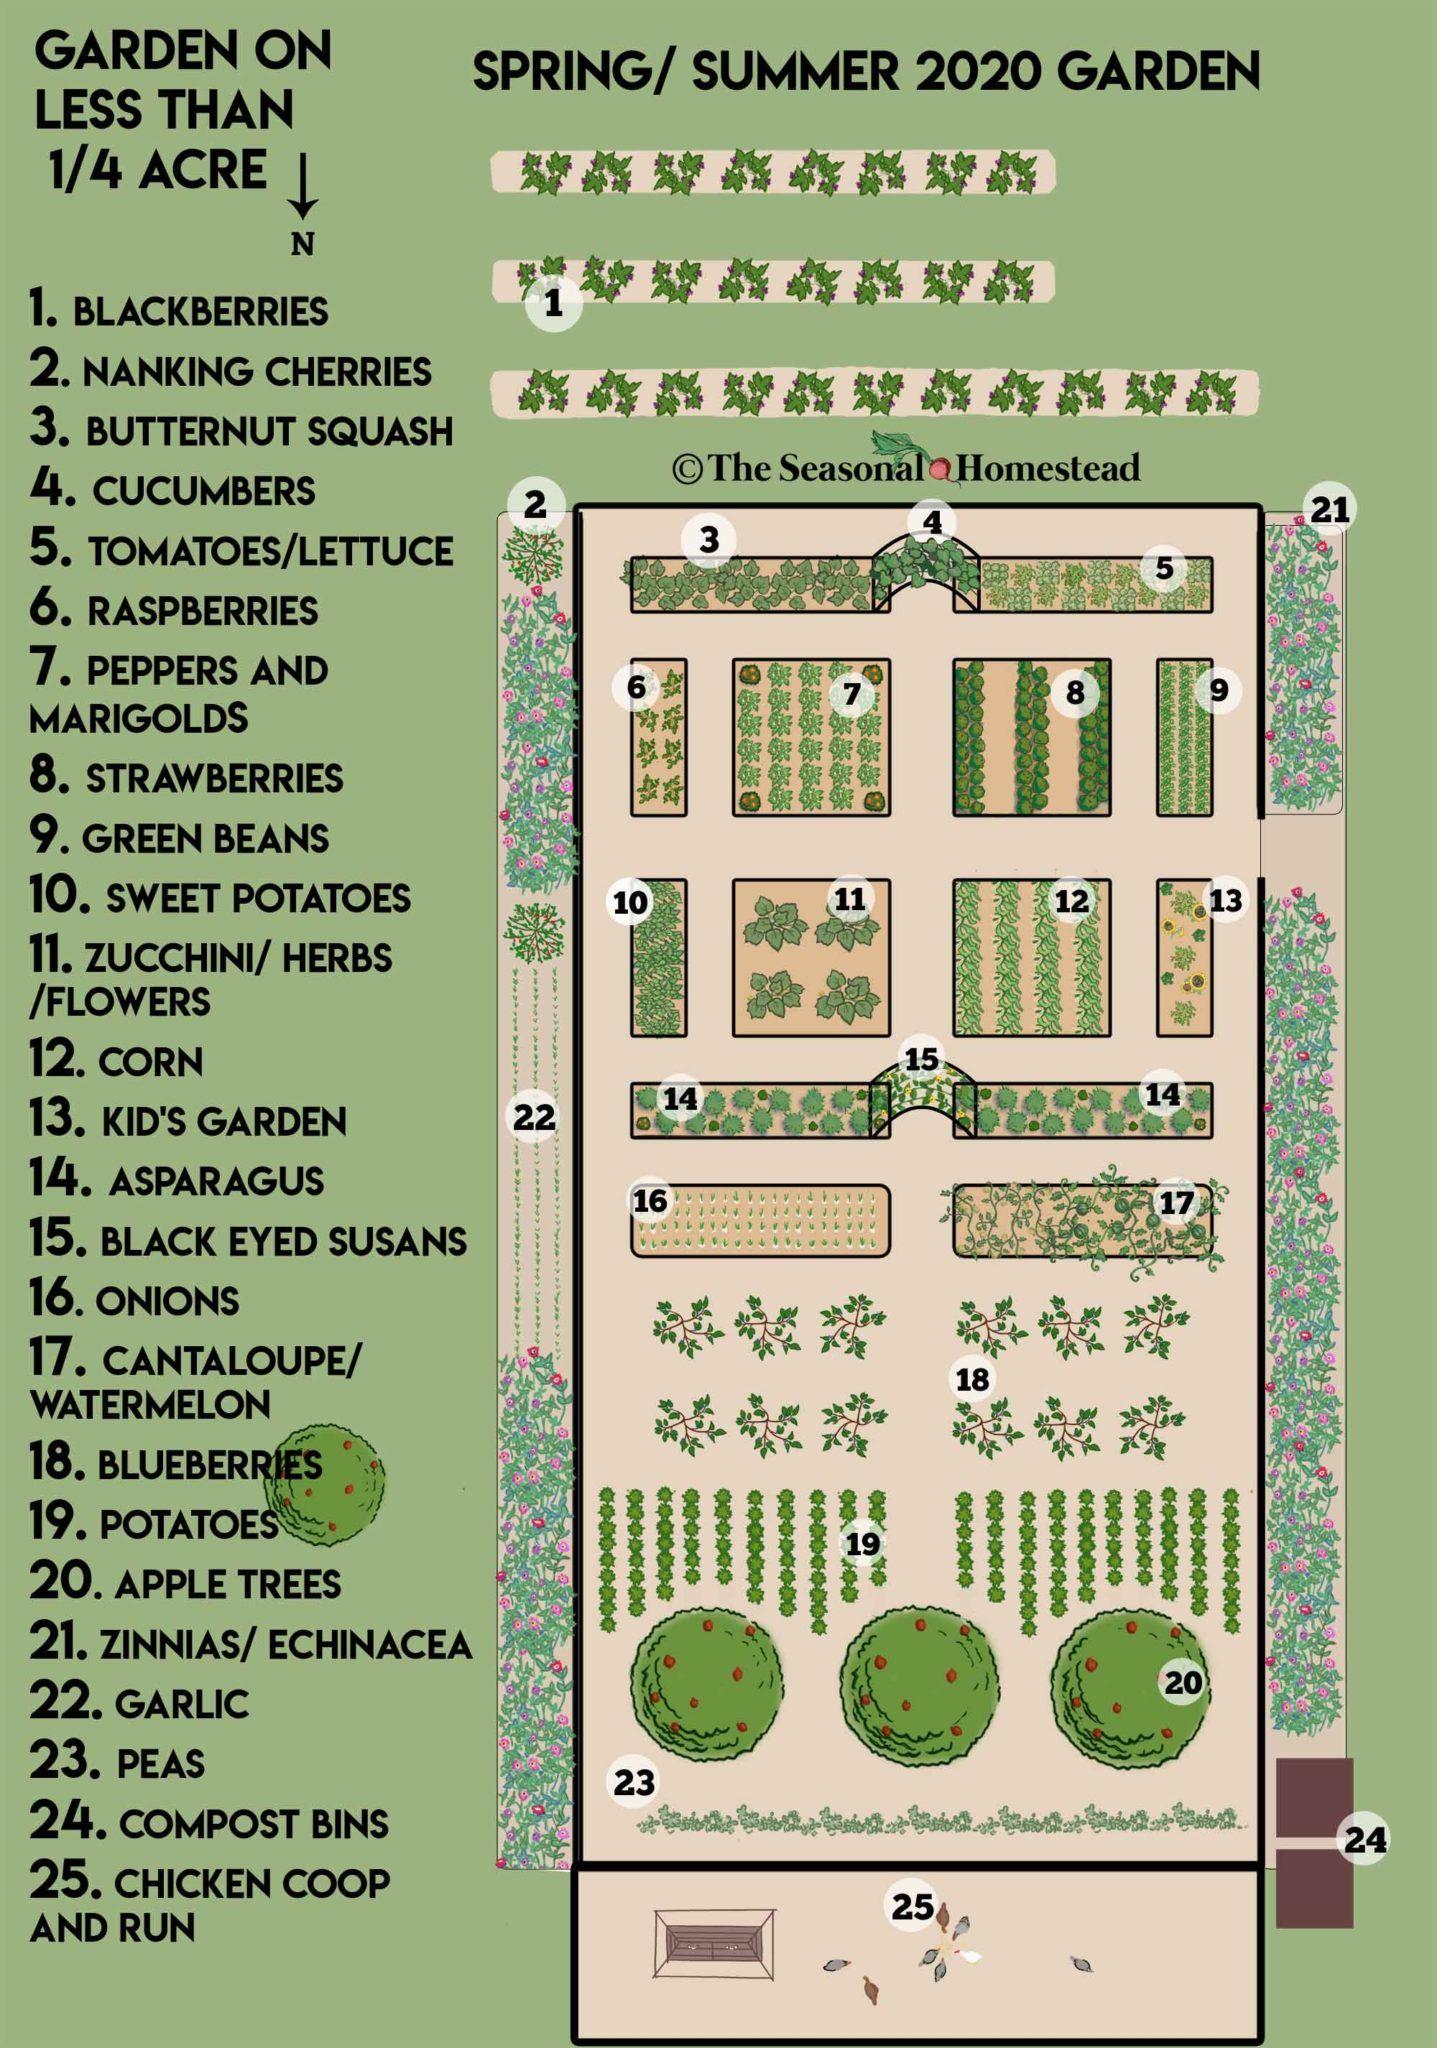 Quarter Acre Garden Plans 2020 The Seasonal Homestead Garden Planning Layout Garden Layout Vegetable Vegetable Garden Design